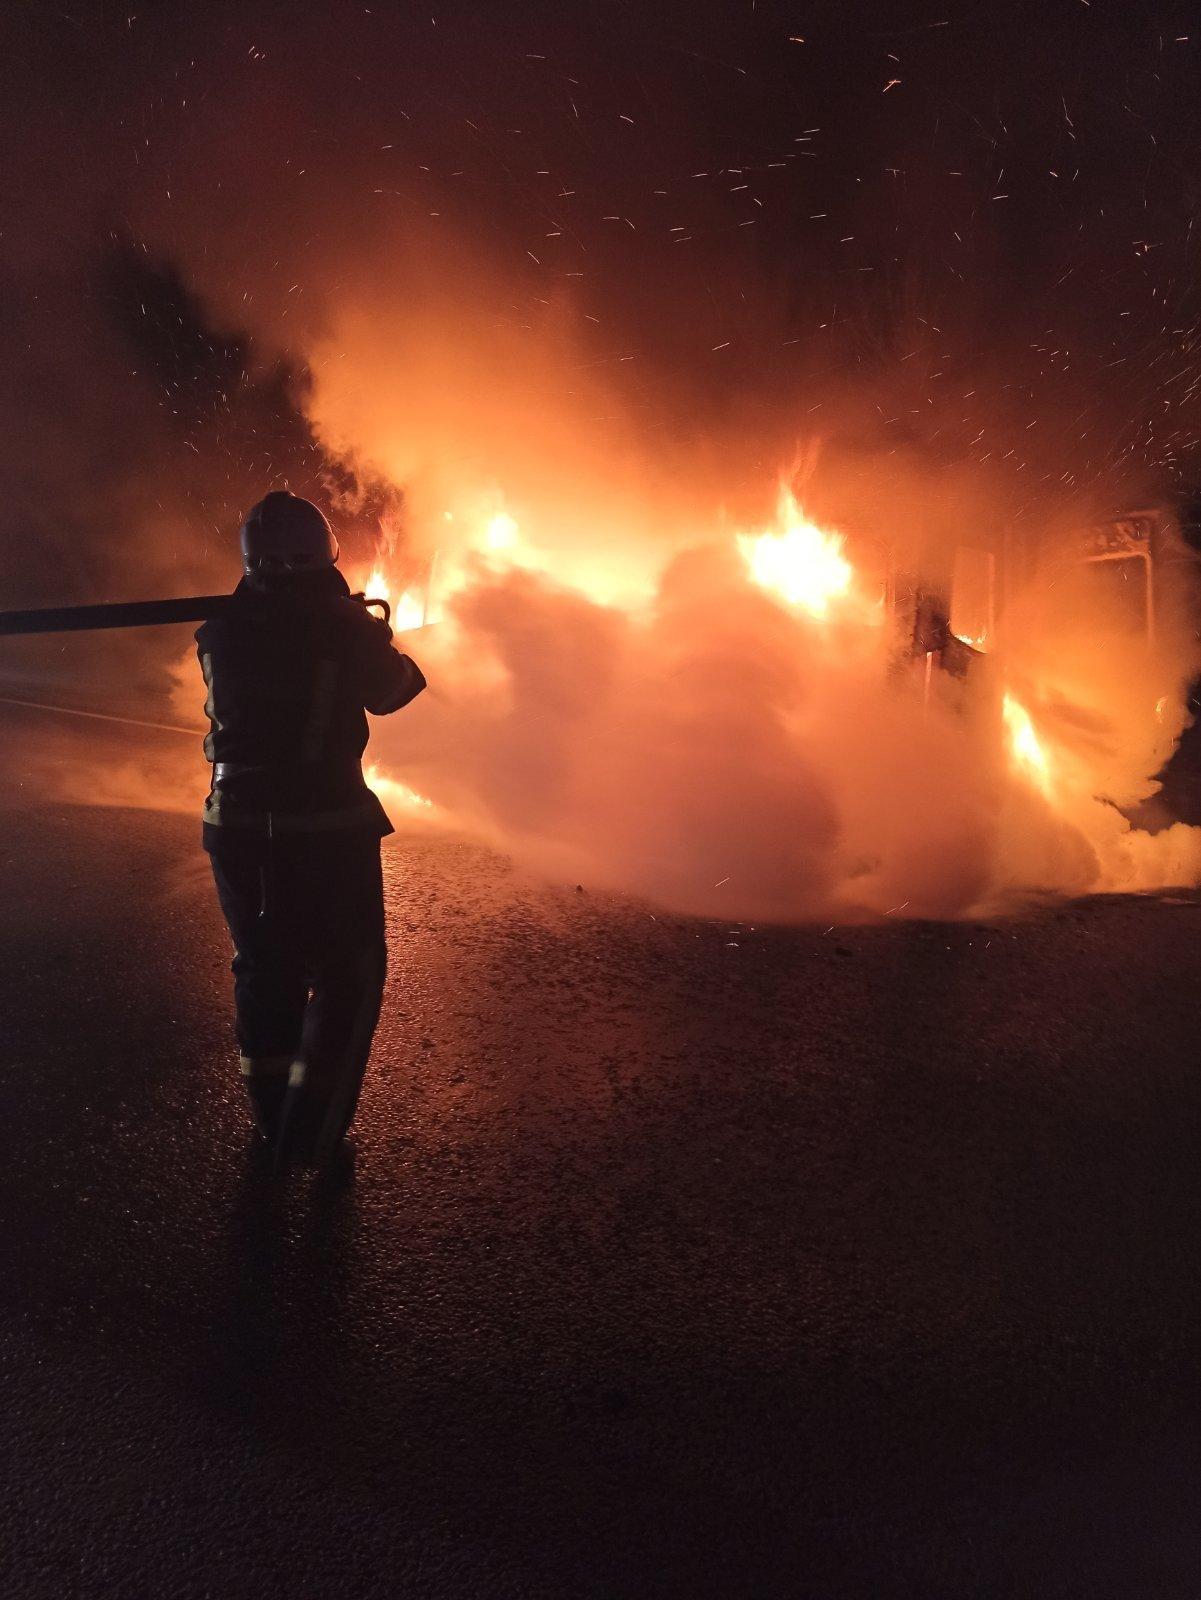 На Луганщине  во время движения загорелся автомобиль скорой помощи (фото) , фото-2